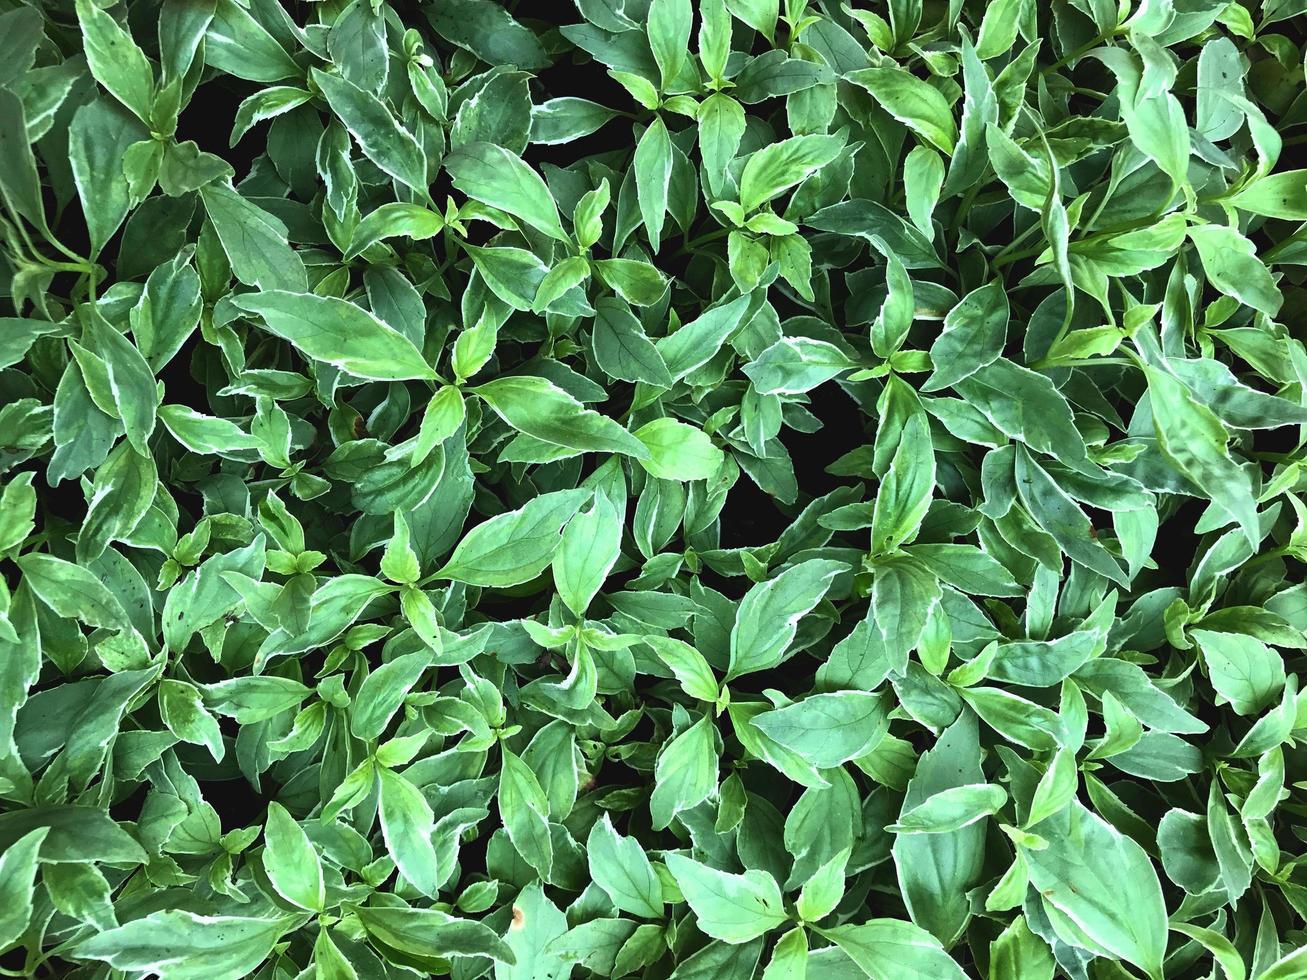 Gruppe von grünen Blättern foto